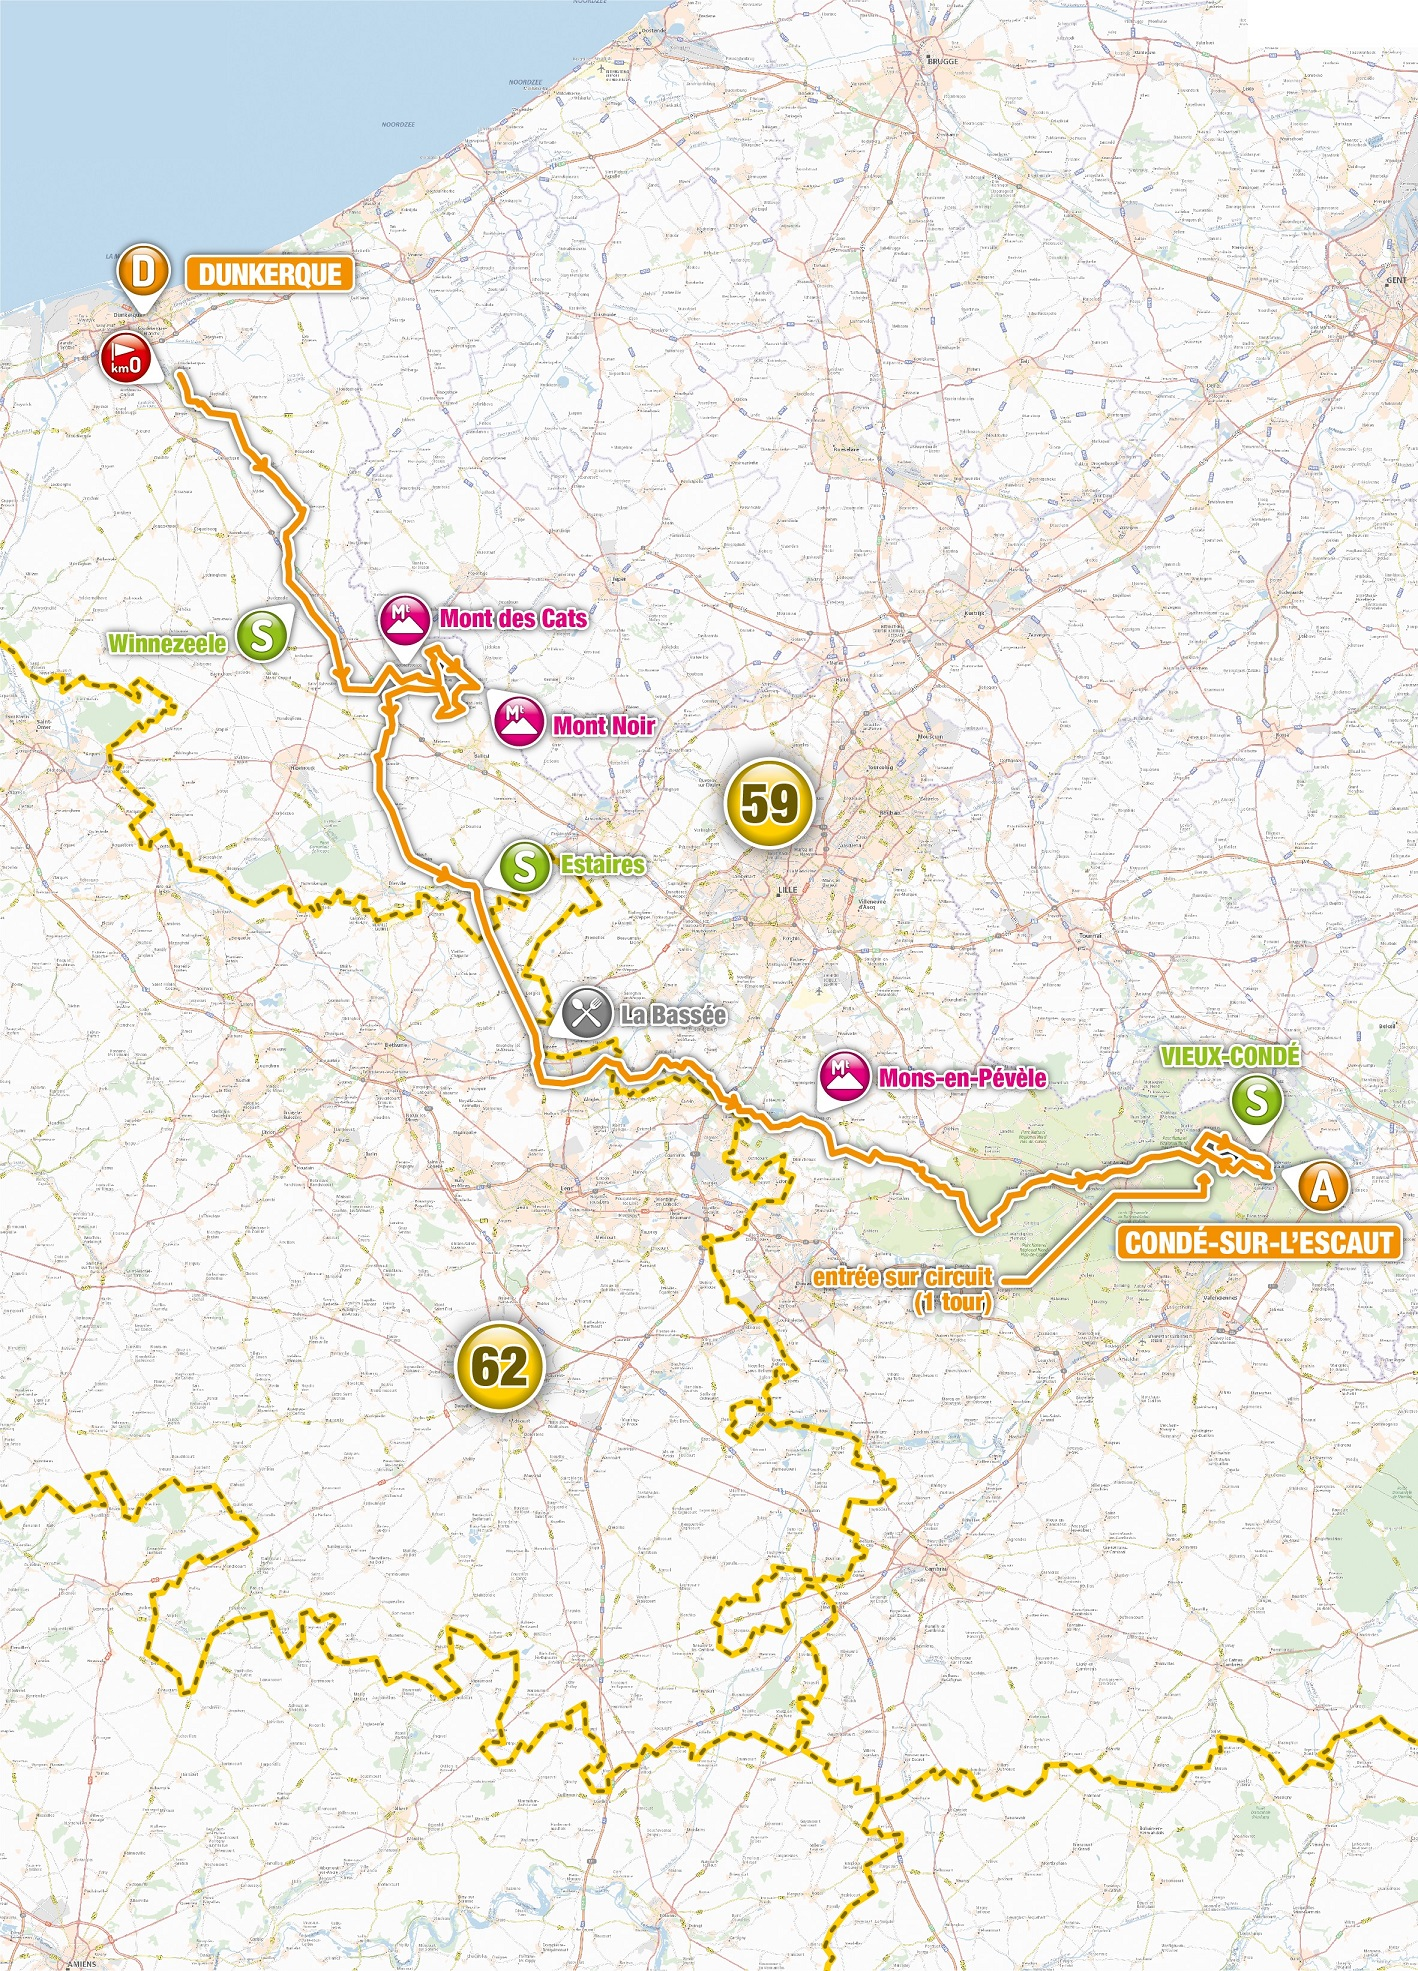 4 jours de dunkerque 2020 carte 4 Jours de Dunkerque : Le parcours 2019   Actualité   DirectVelo